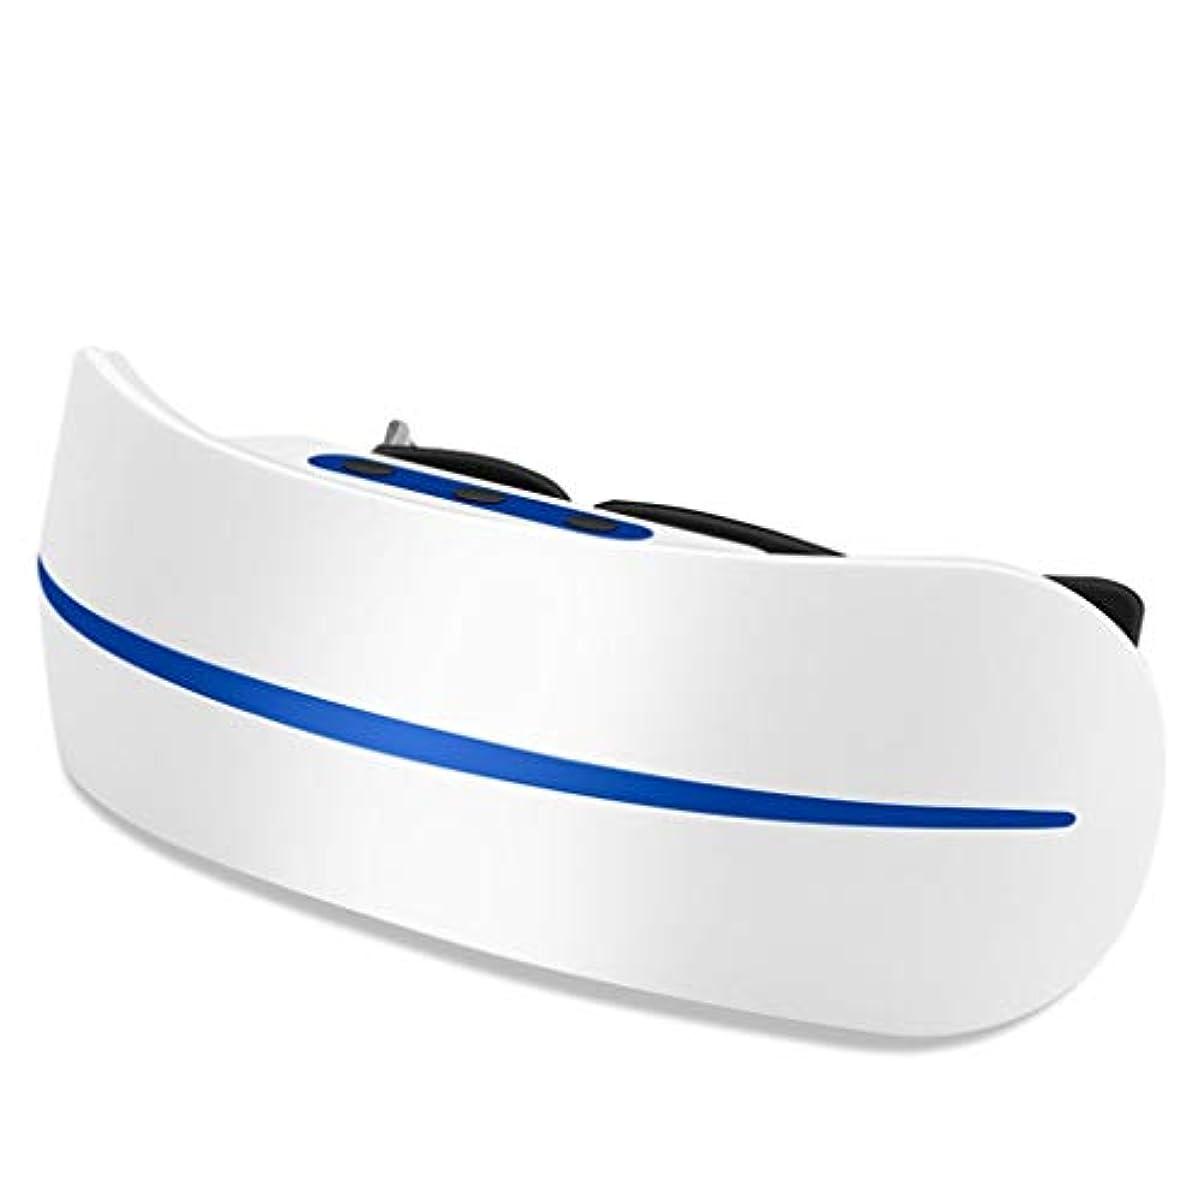 湿度縞模様の集団的アイマッサージャー視力回復剤アイ近視矯正アイプロテクターアイプロテクション軽減疲労ダークサークルアイマスク